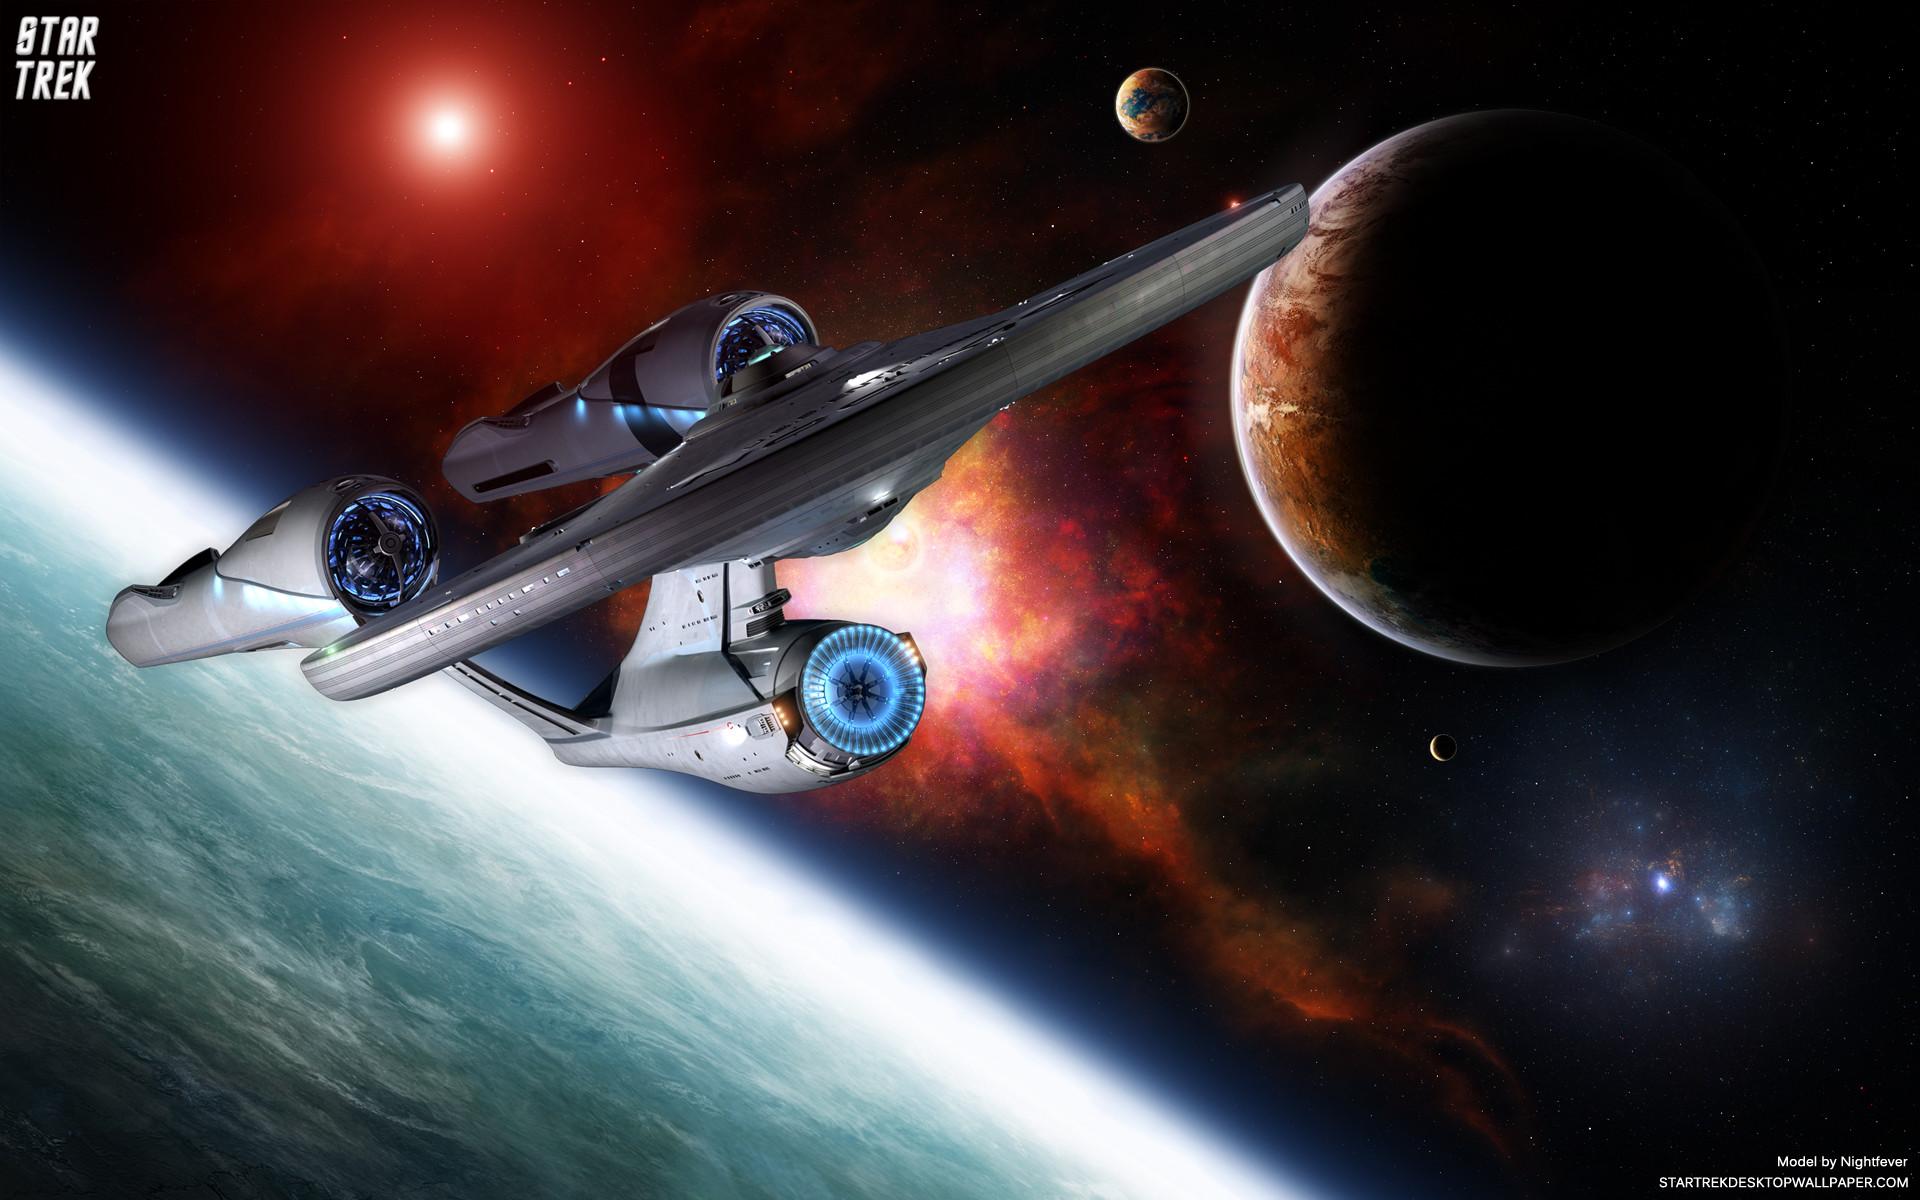 Star Trek Uss Enterprise Wallpaper 66 Images